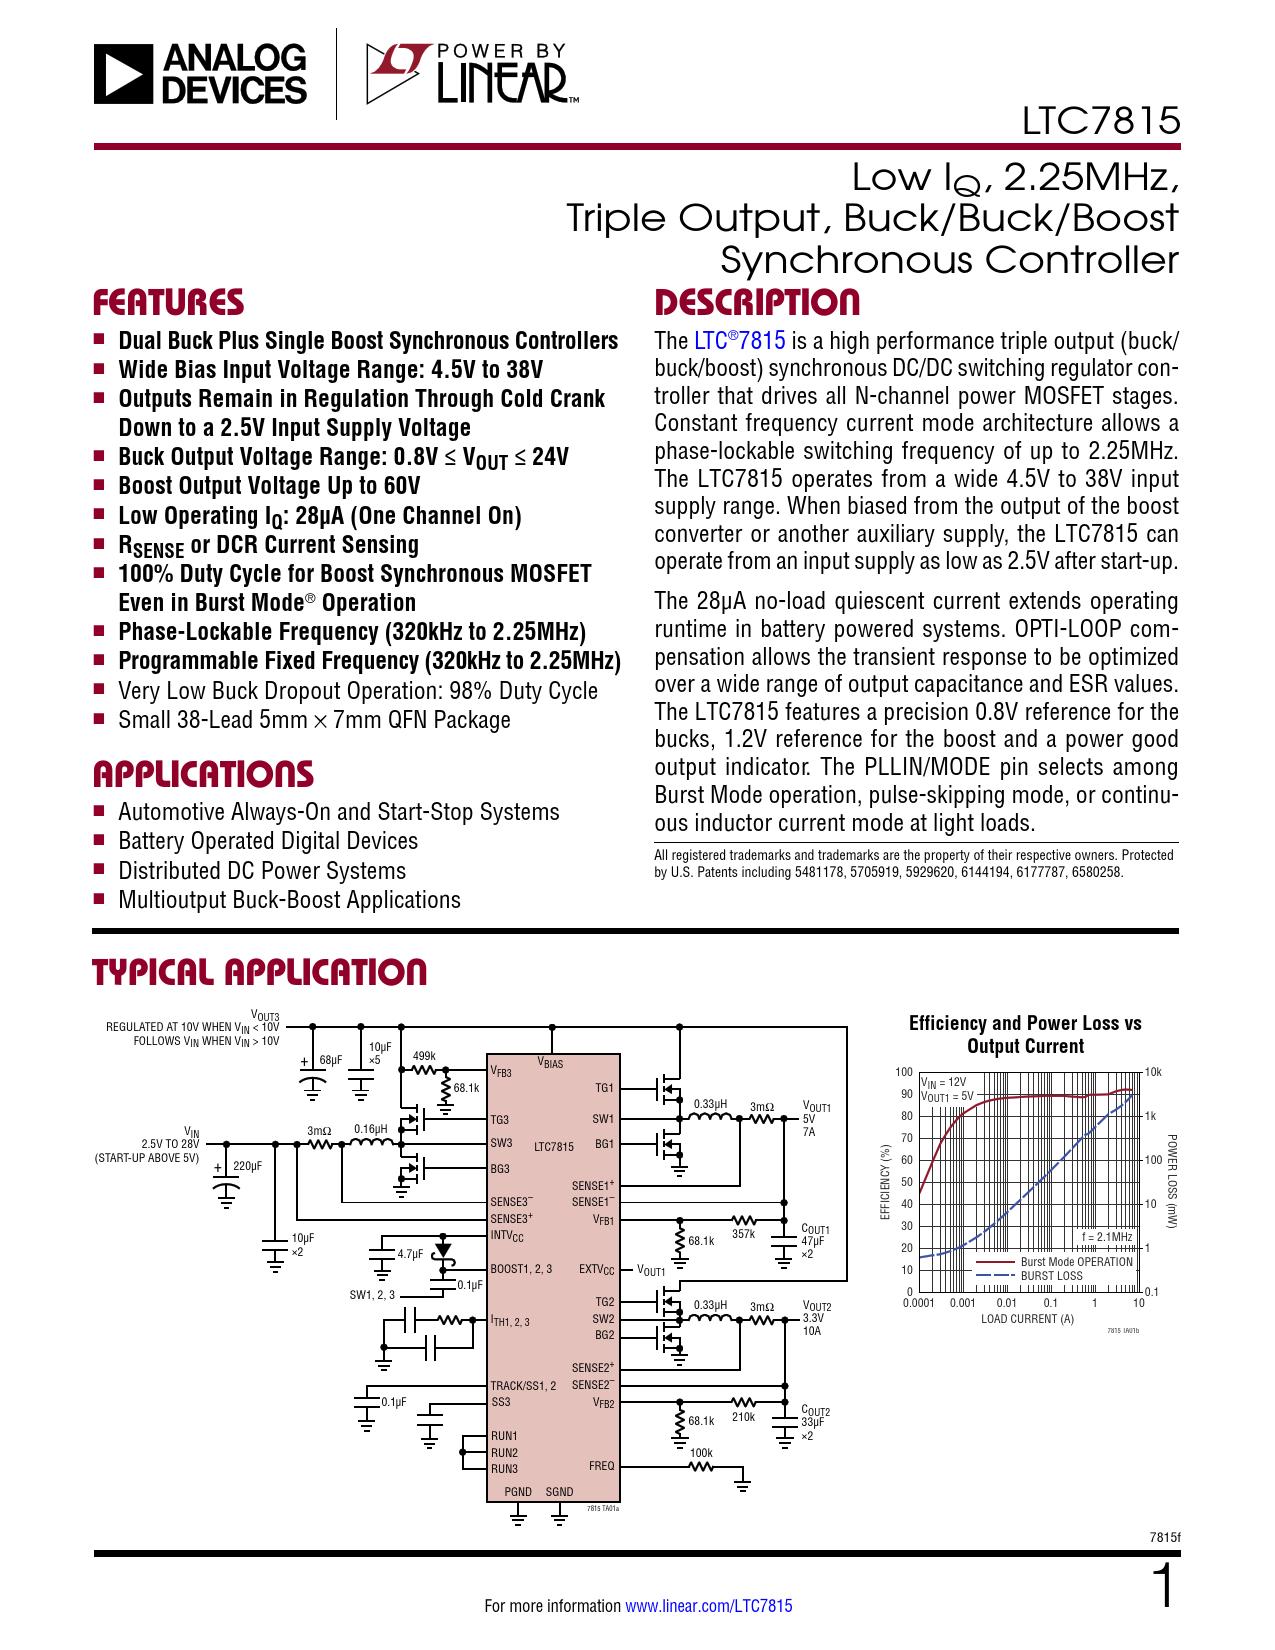 Datasheet LTC7815 Analog Devices